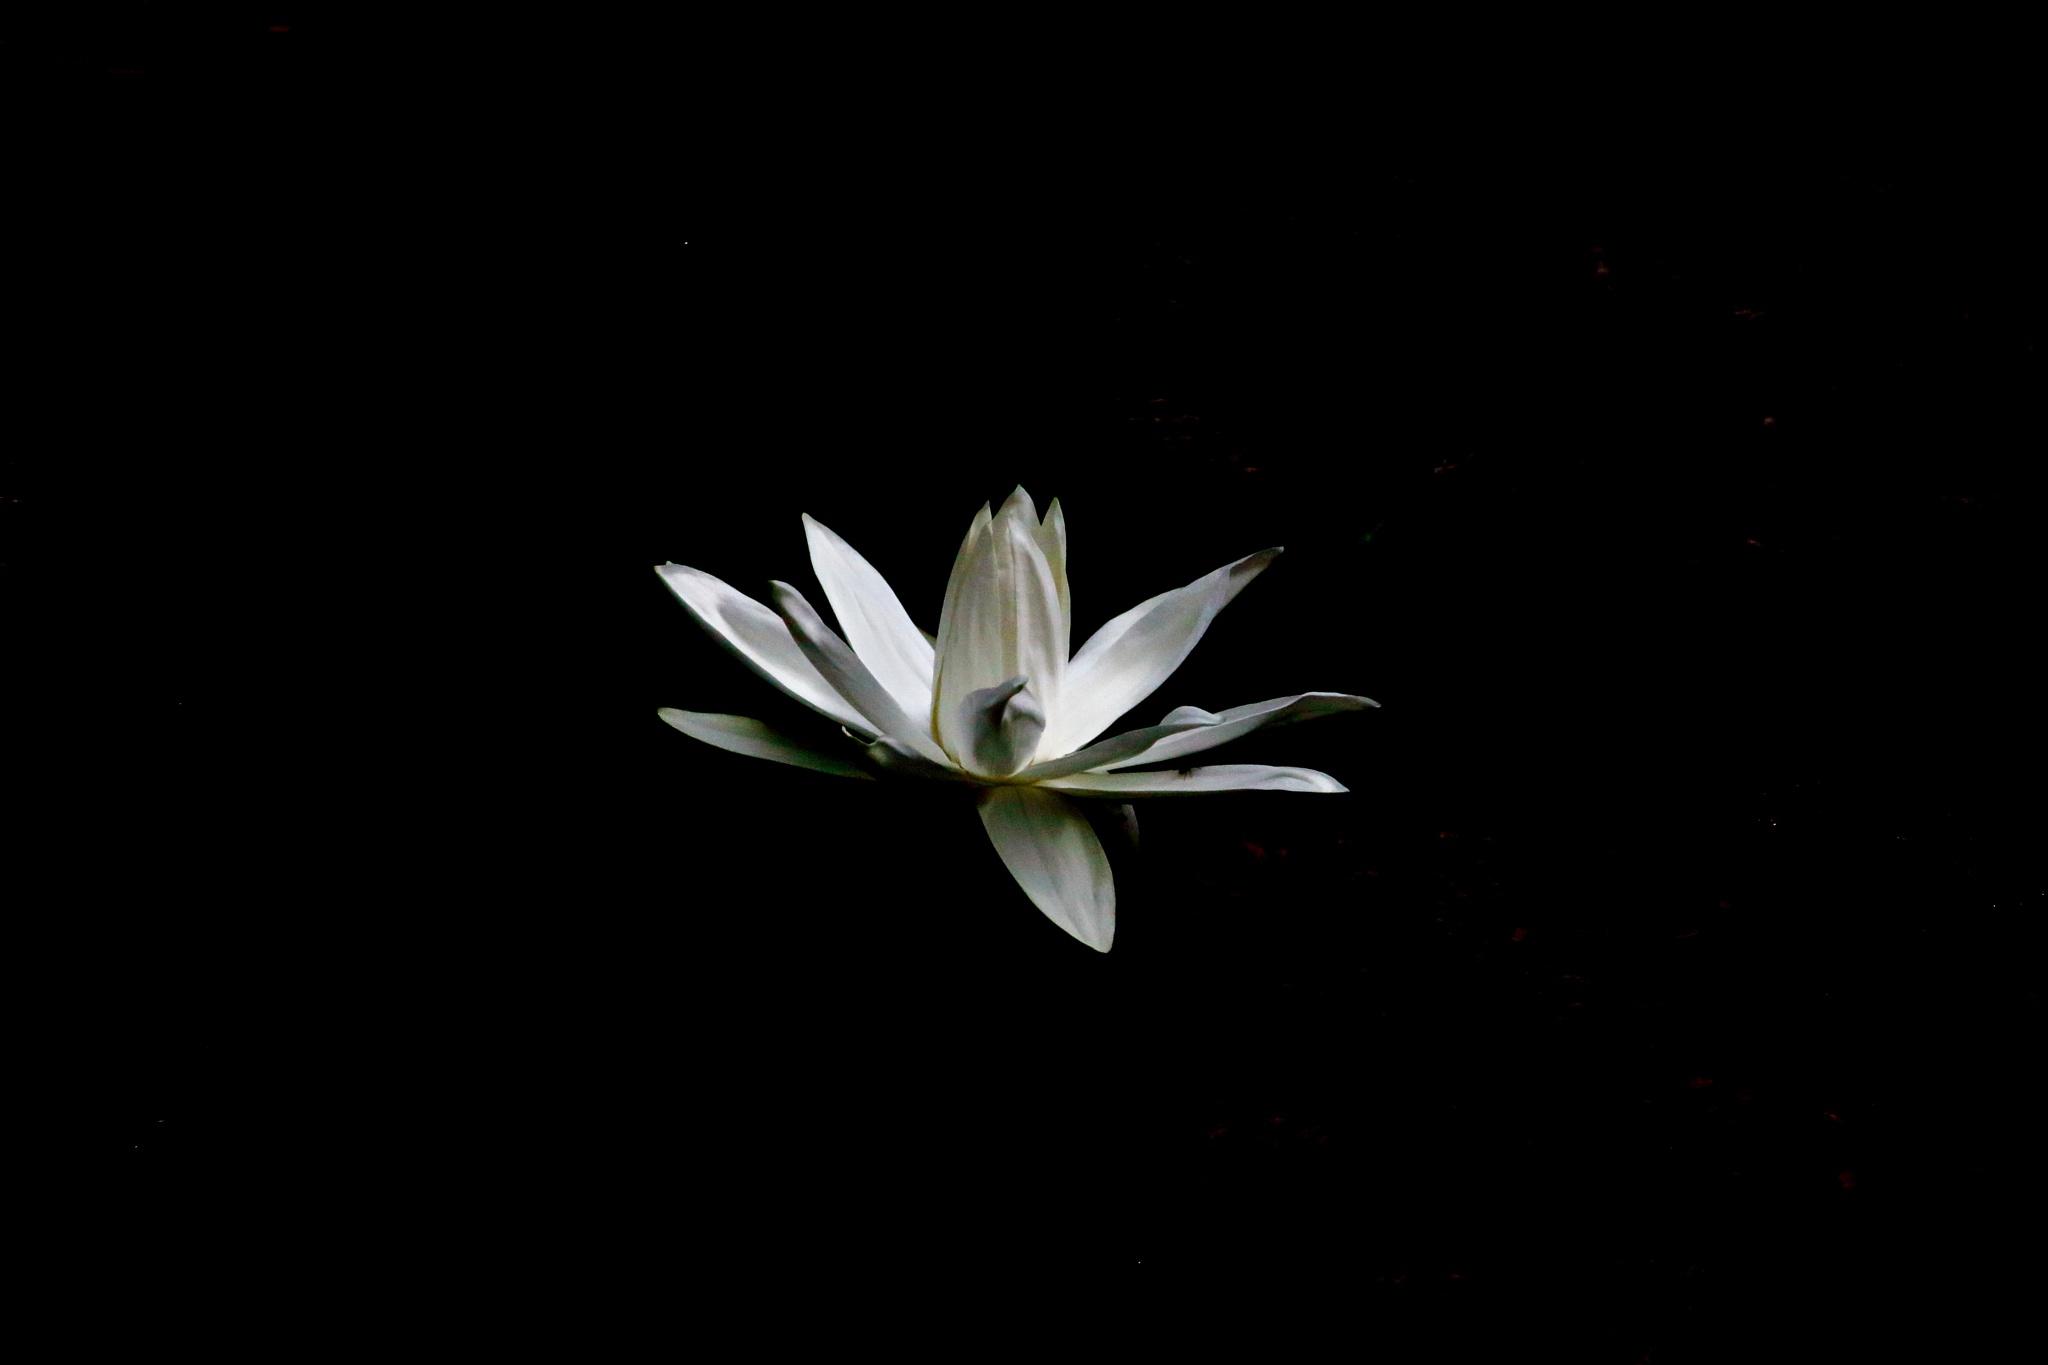 Lotus by pulkit.satwara